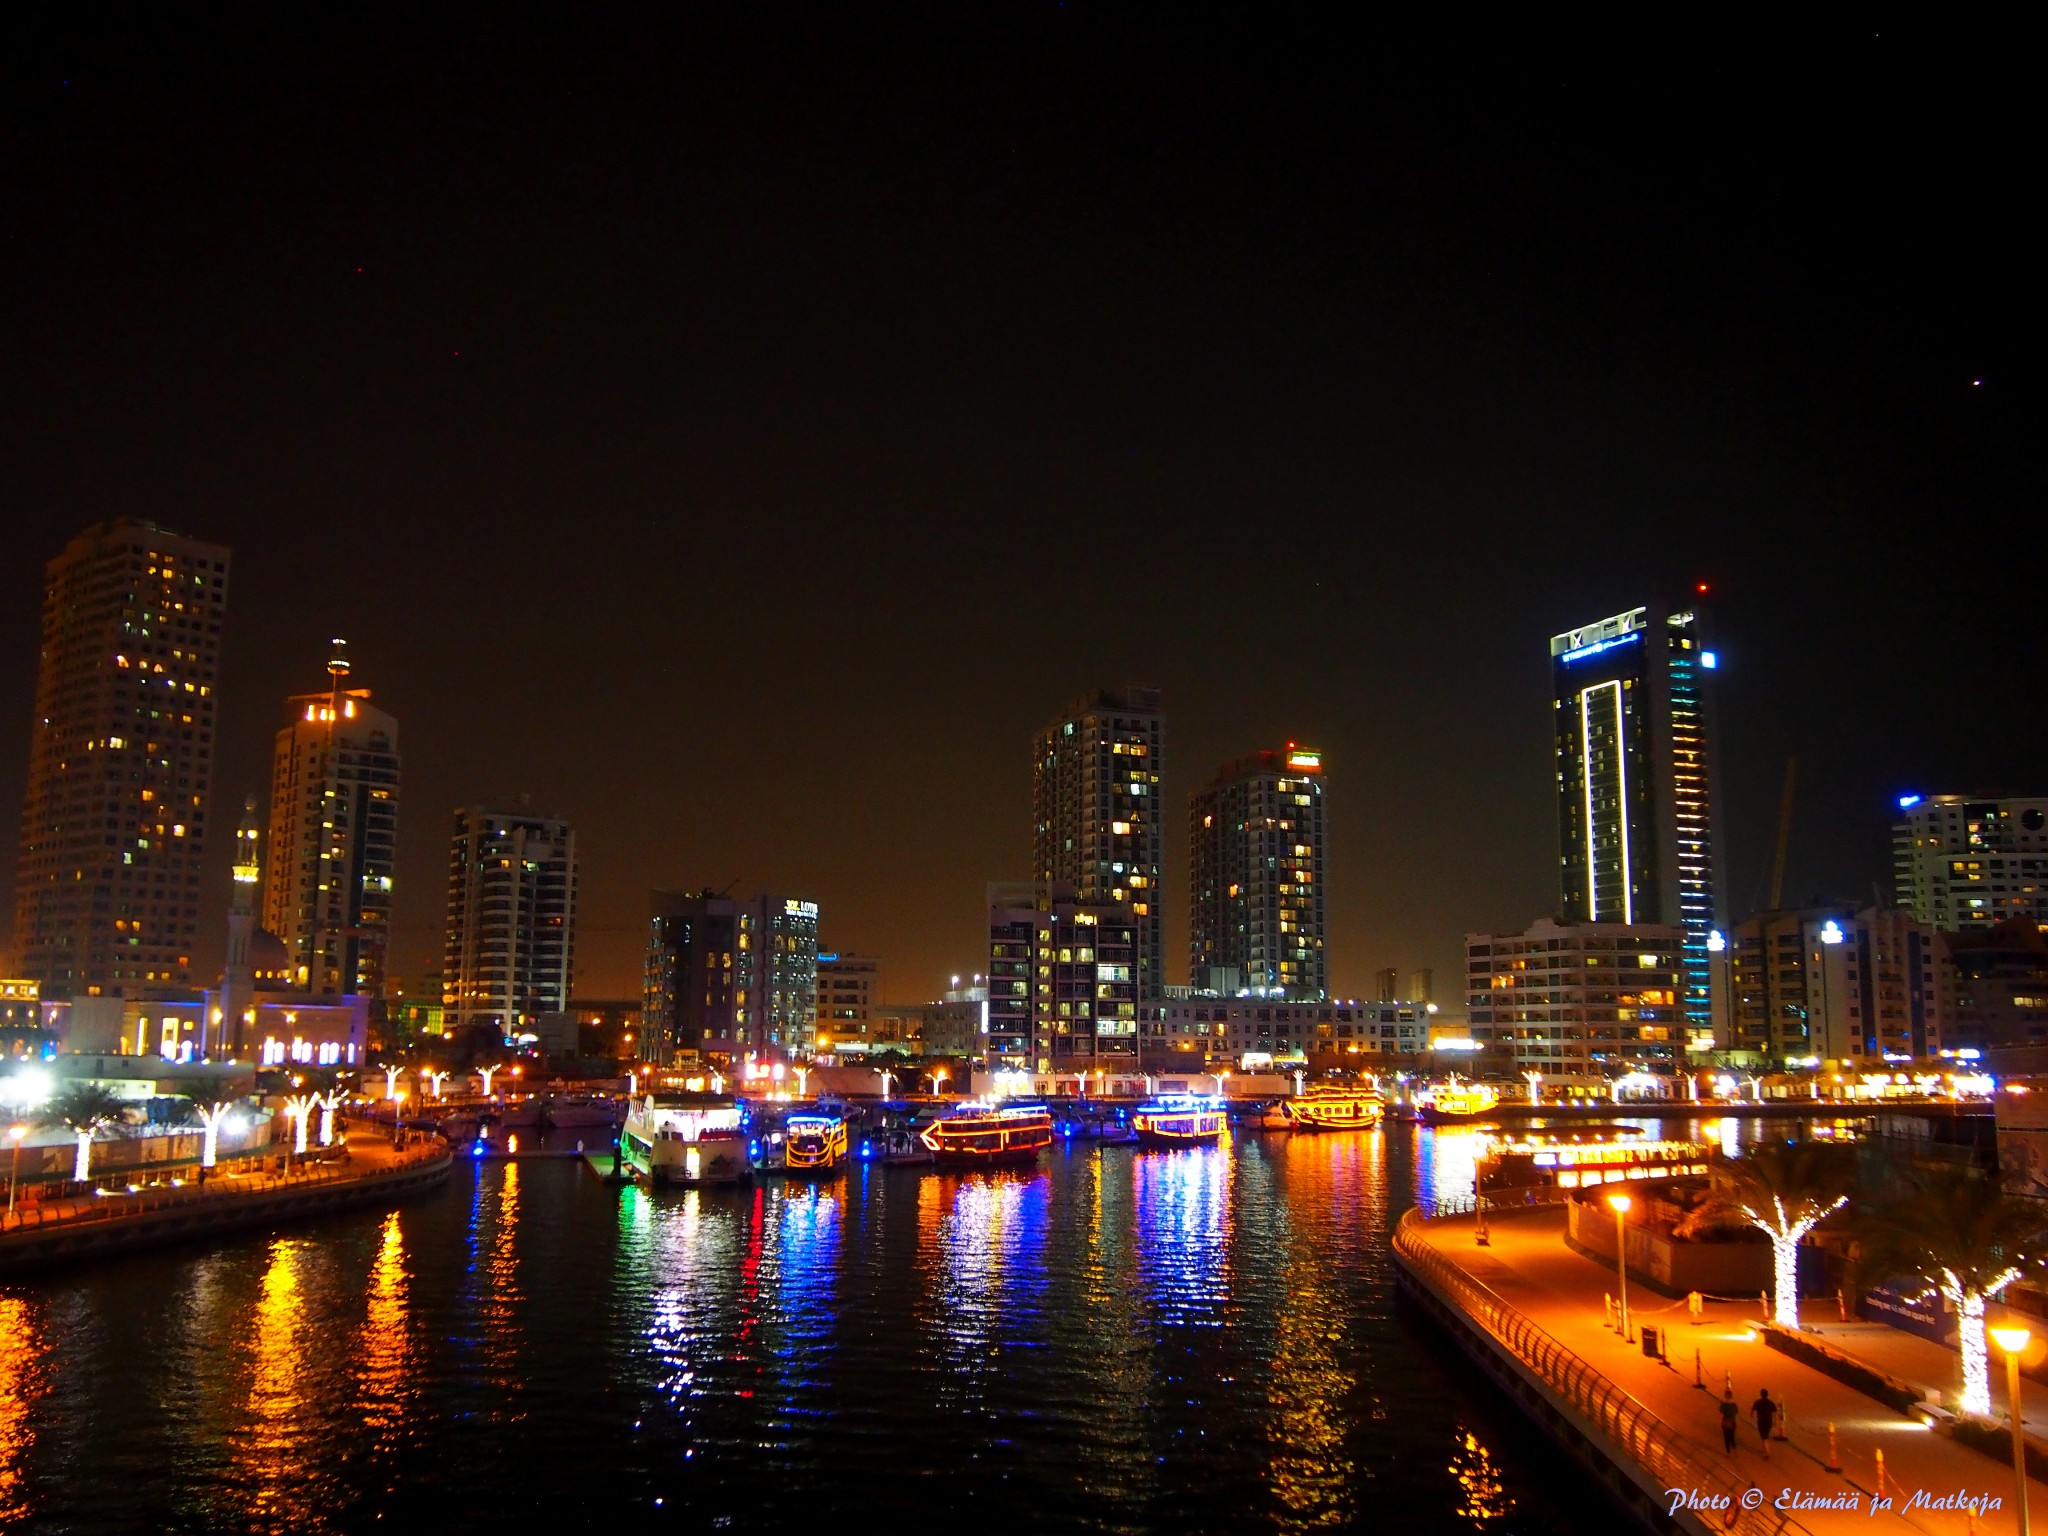 Pearl Marina on kuvan matalin rakennus kuvan oikeassa reunassa rannan tuntumassa.